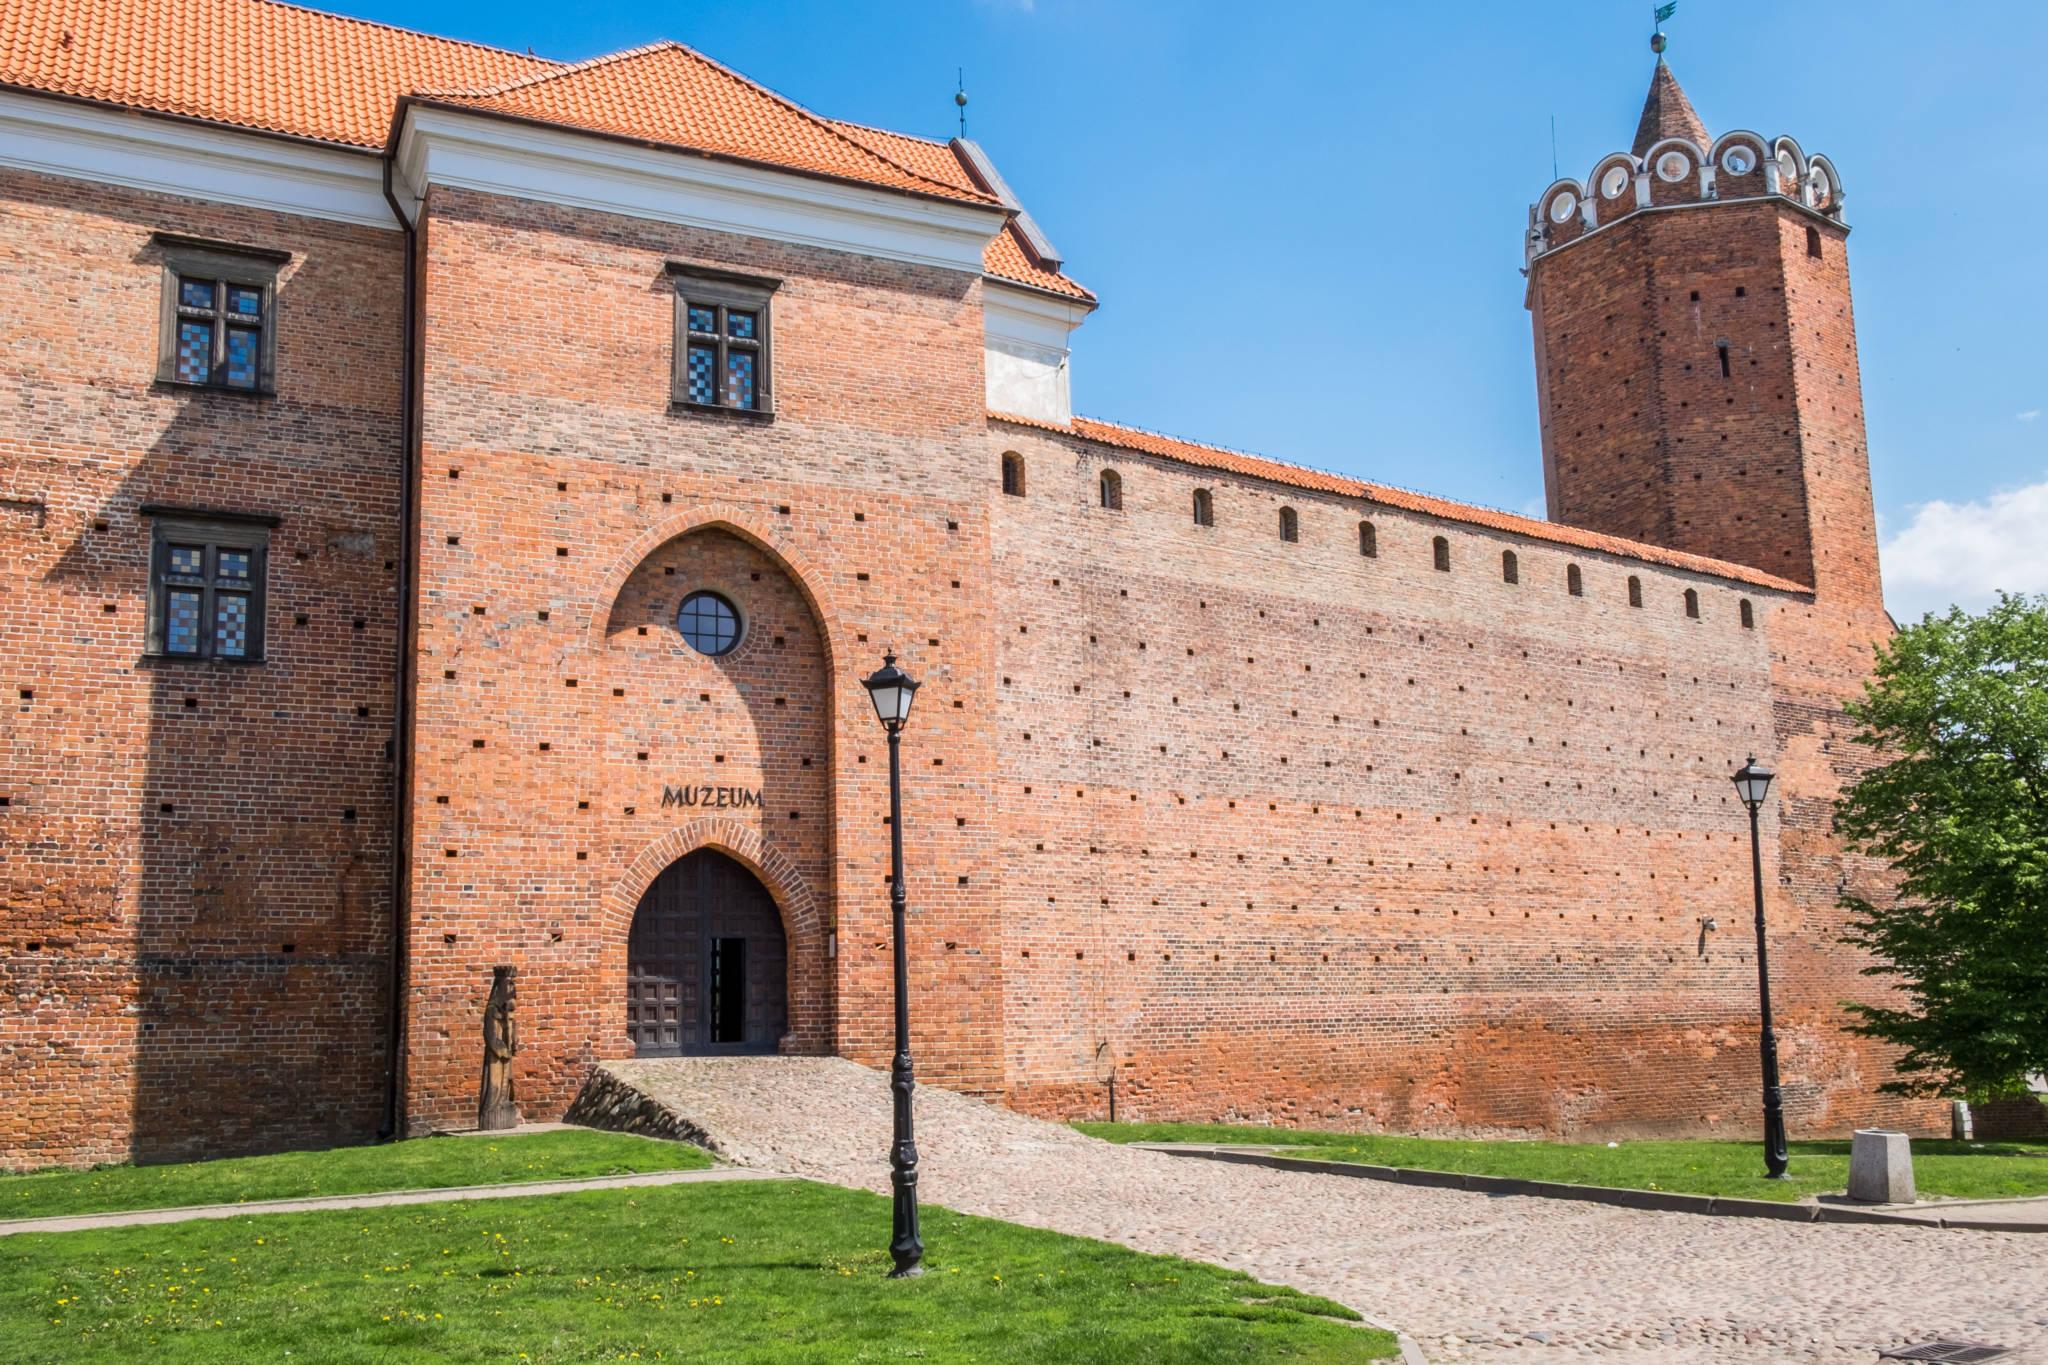 Zamek w Łeczycy (12 of 13)